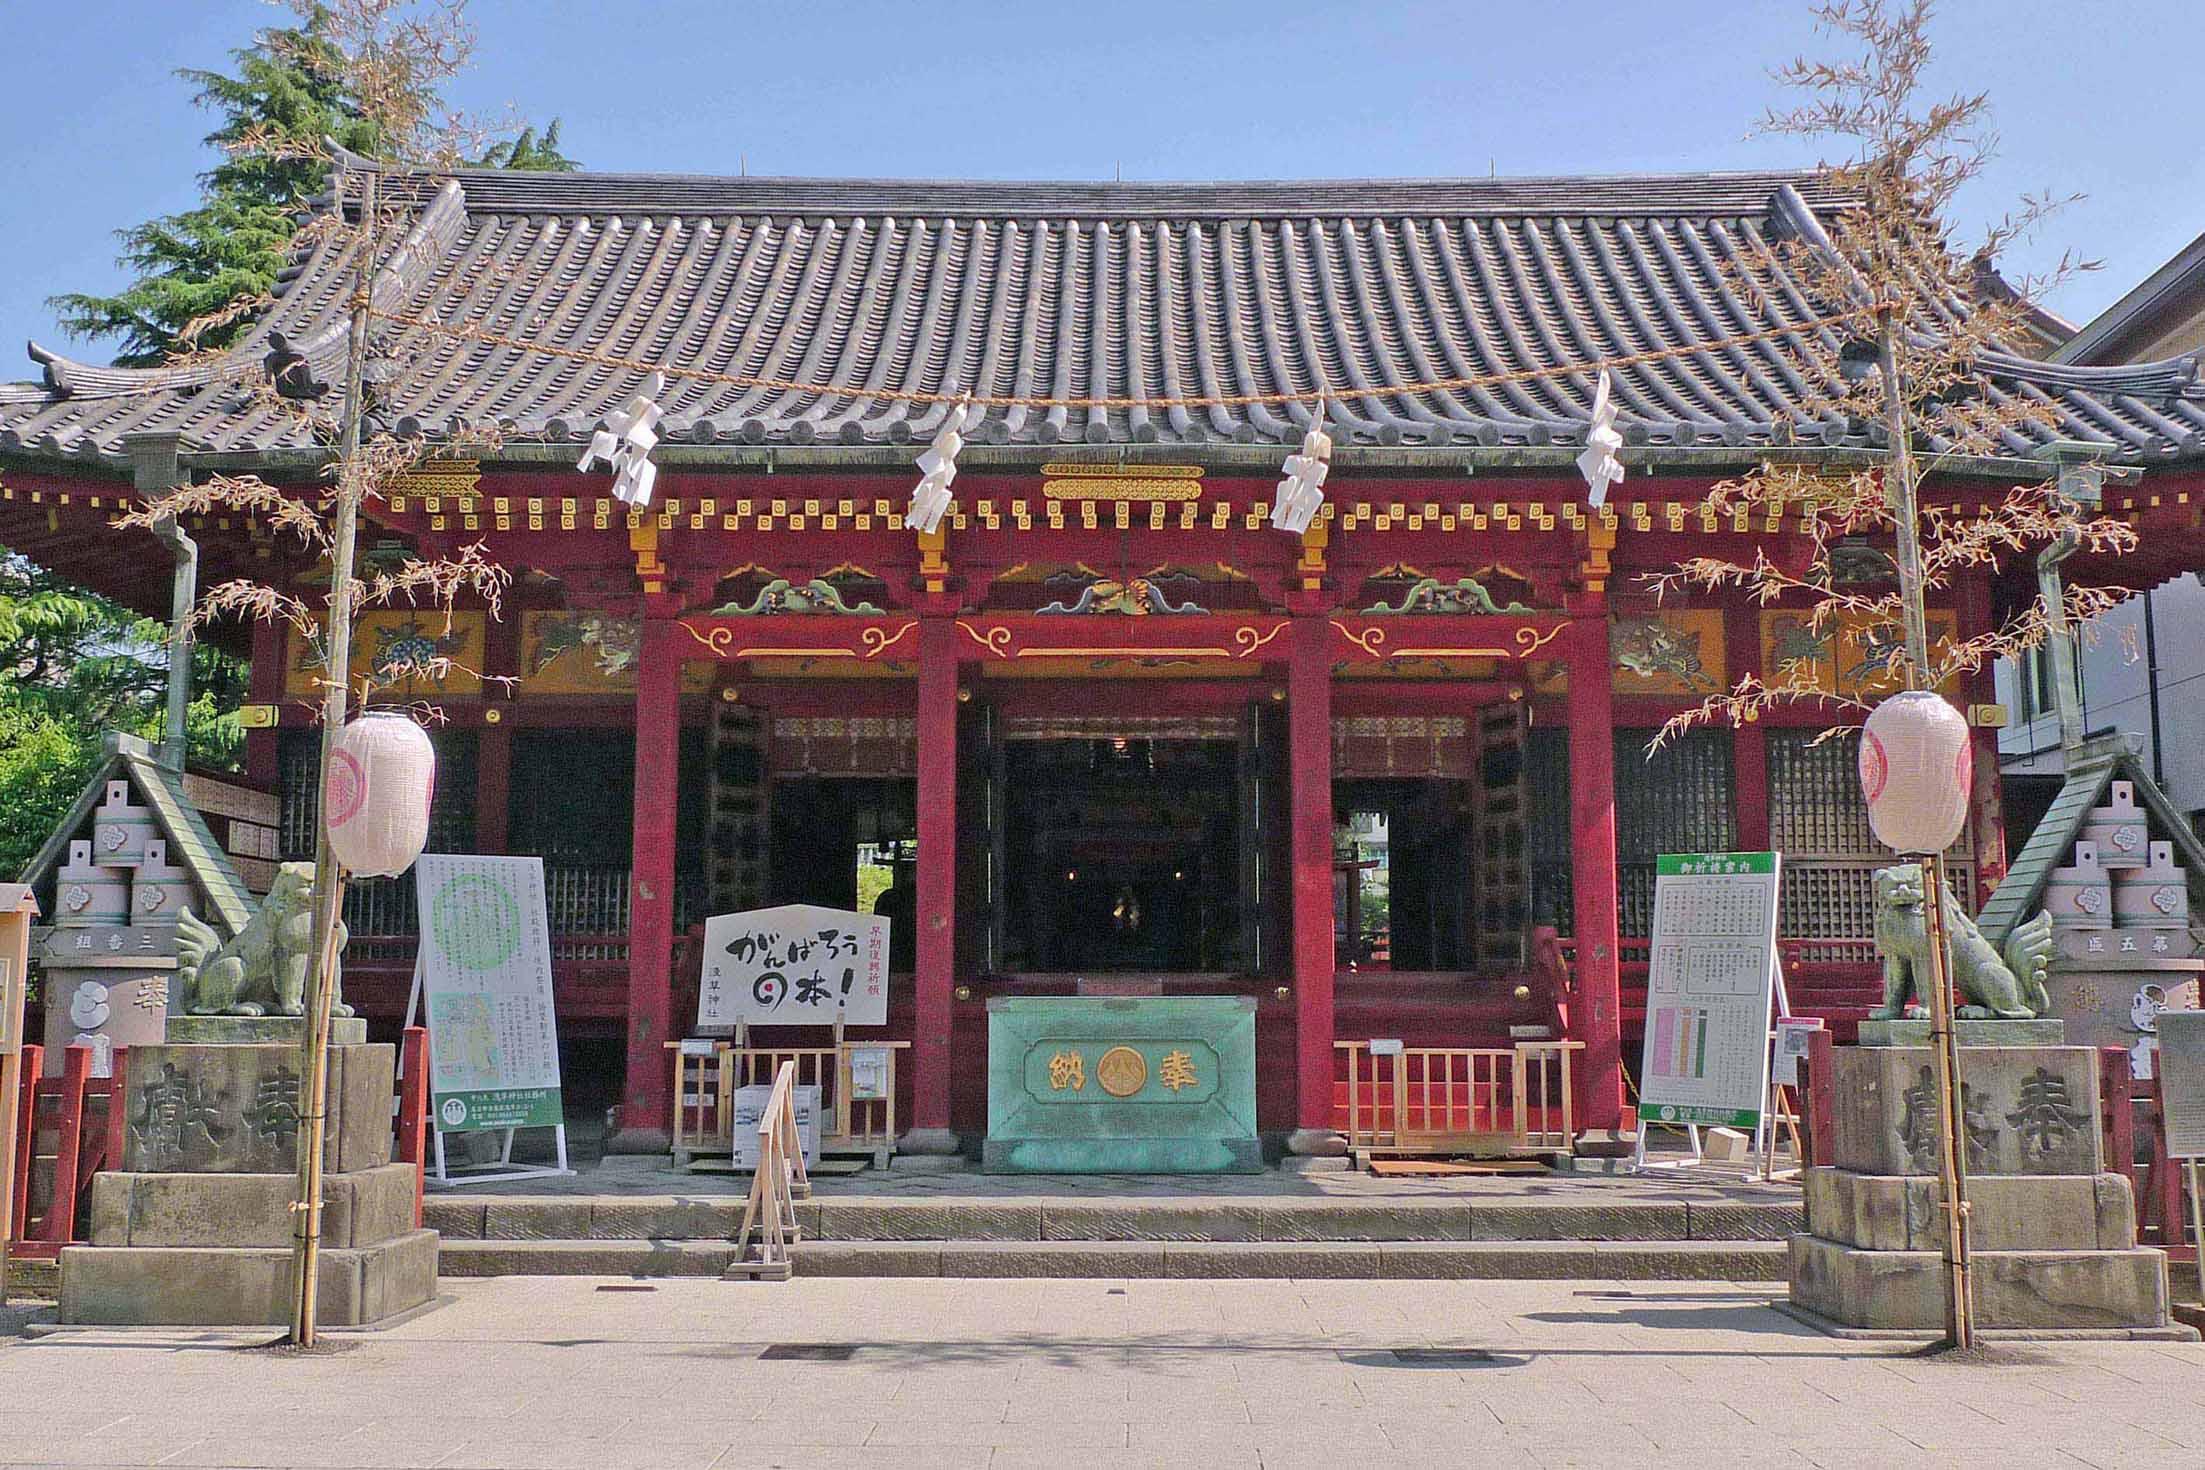 重要文化財(建造物) 浅草神社 「拝殿」